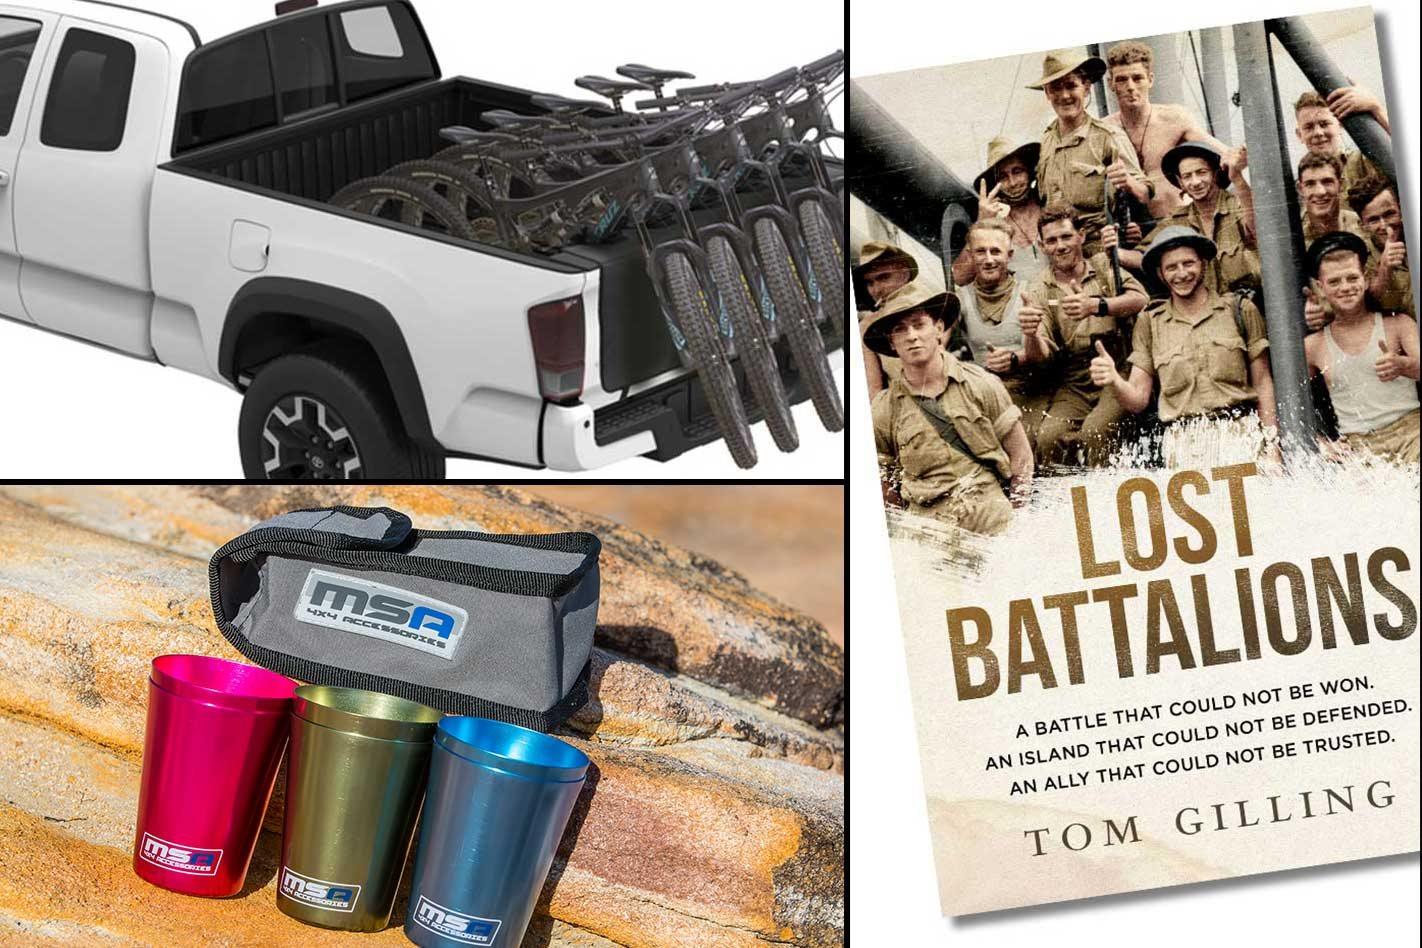 New 4x4 Gear Yakima Tailgate Pad Msa 4x4 Travel Cup Lost Battalions Book